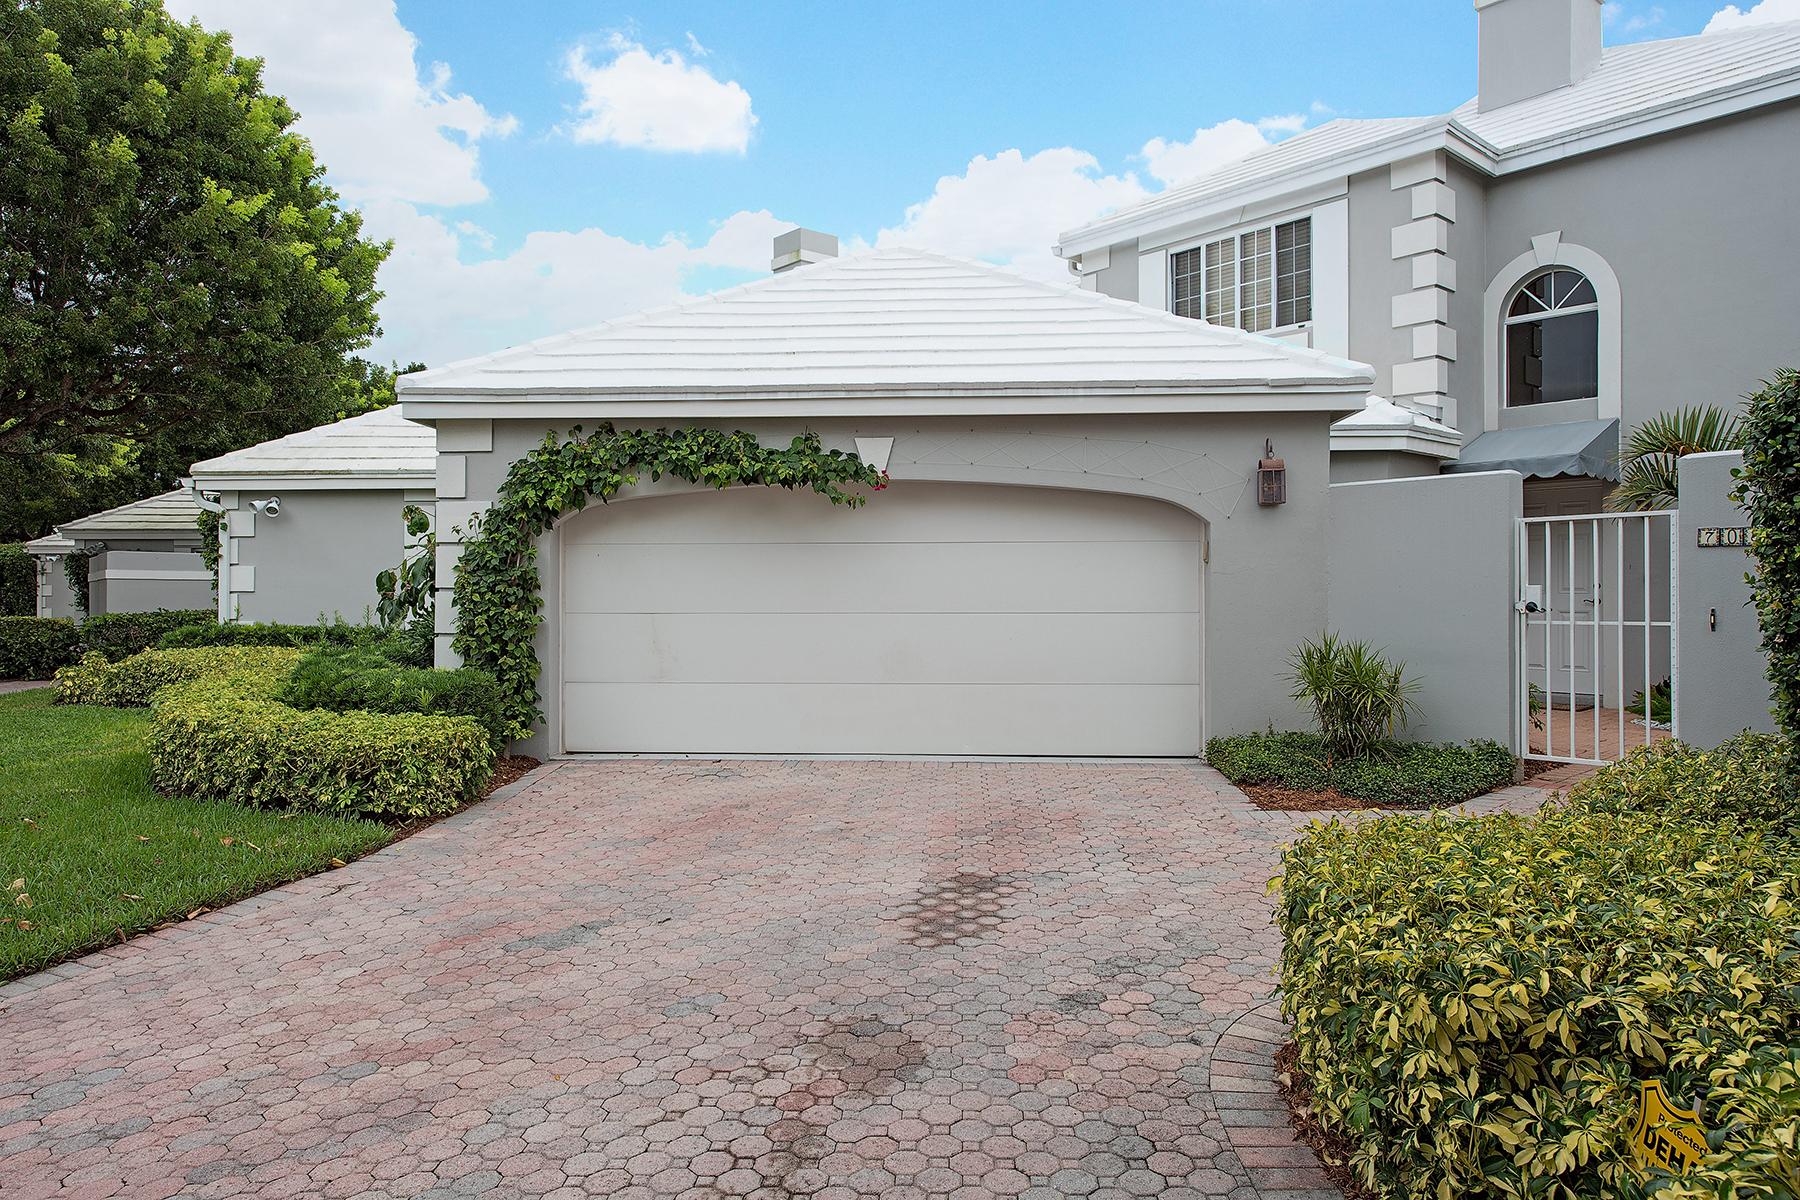 タウンハウス のために 売買 アット PELICAN BAY-VILLA LANTANA 7082 Villa Lantana Way Naples, フロリダ 34108 アメリカ合衆国